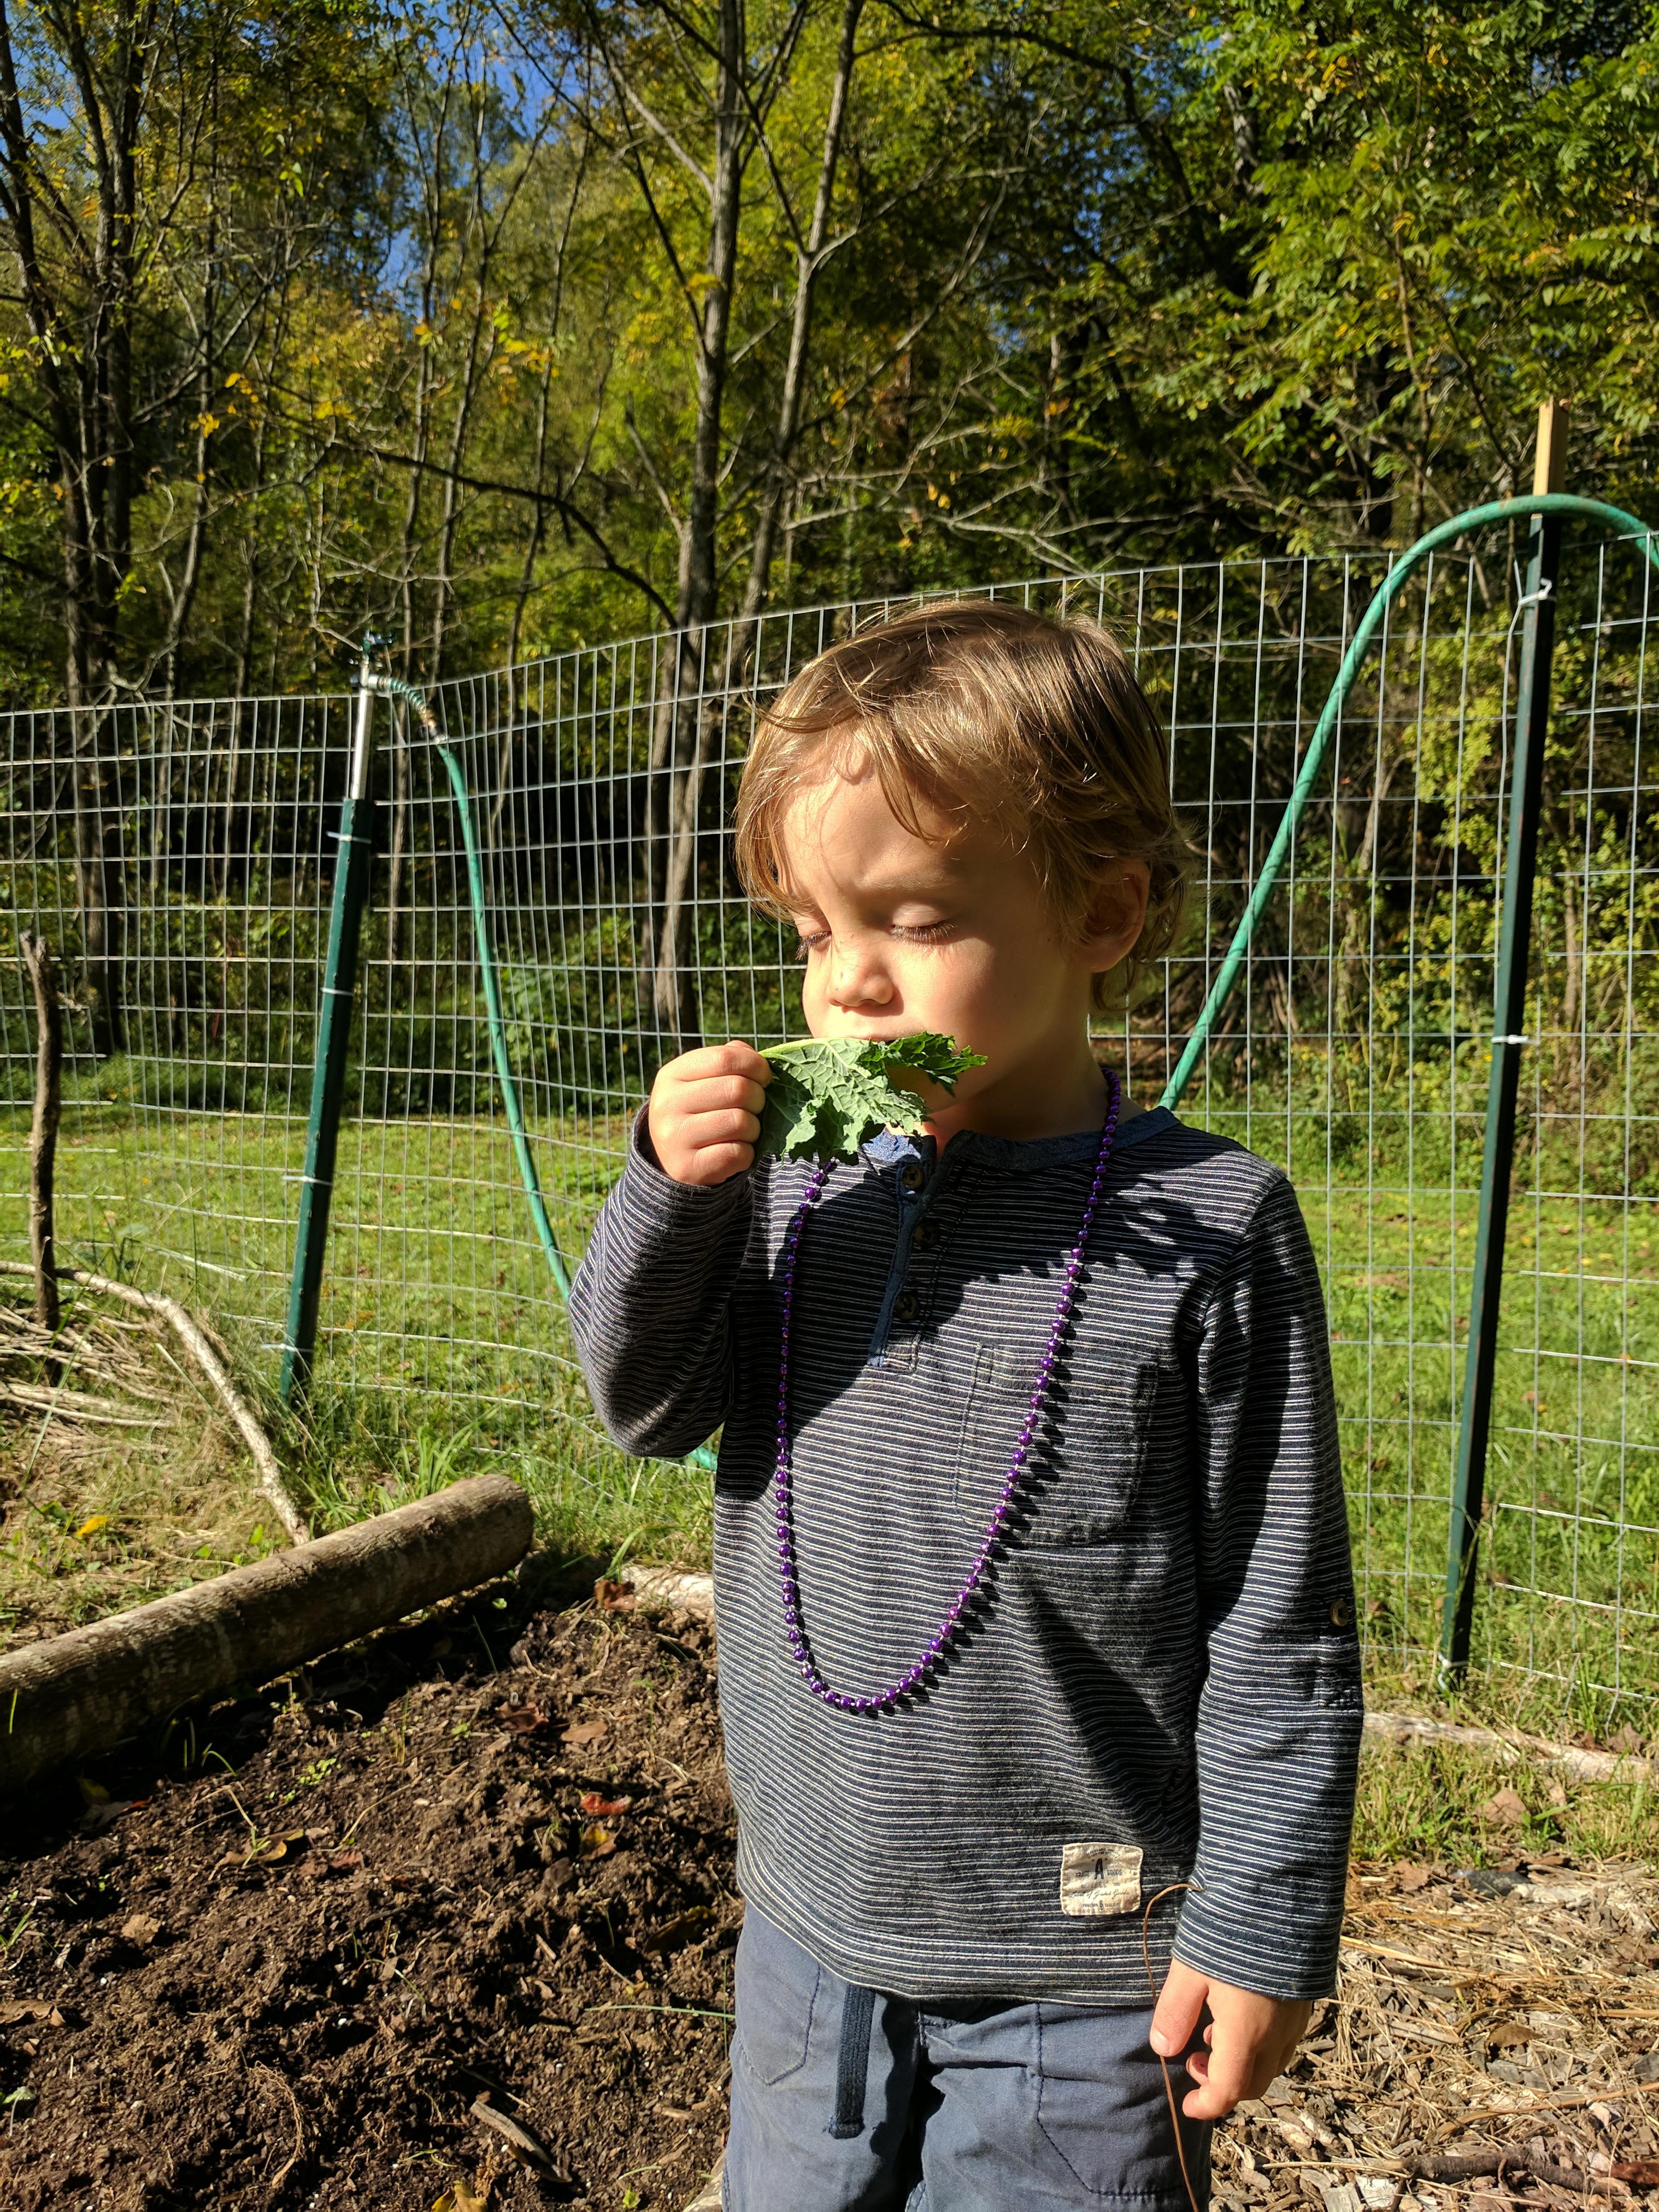 Ashevillefarmstead-kids-garden-kale-sprouts